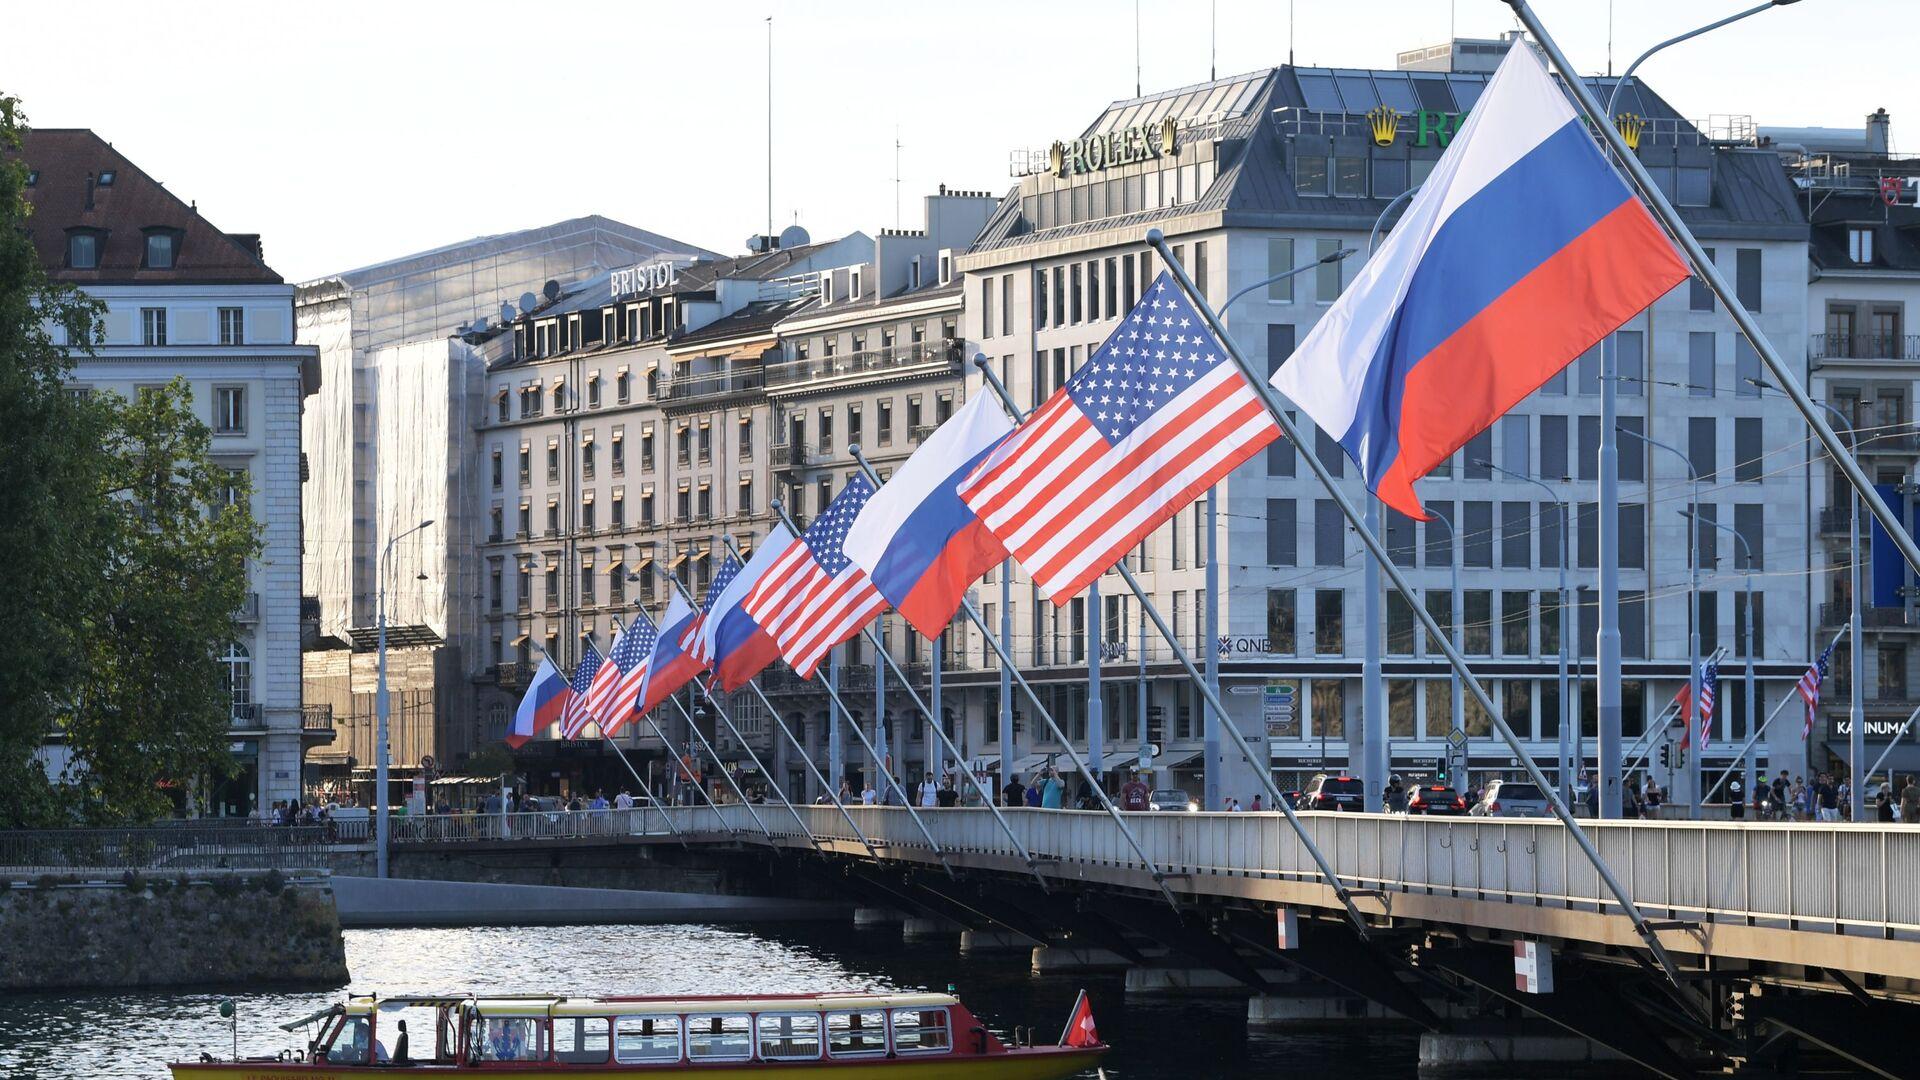 Vlajky Ruska a USA v Ženevě - Sputnik Česká republika, 1920, 17.06.2021